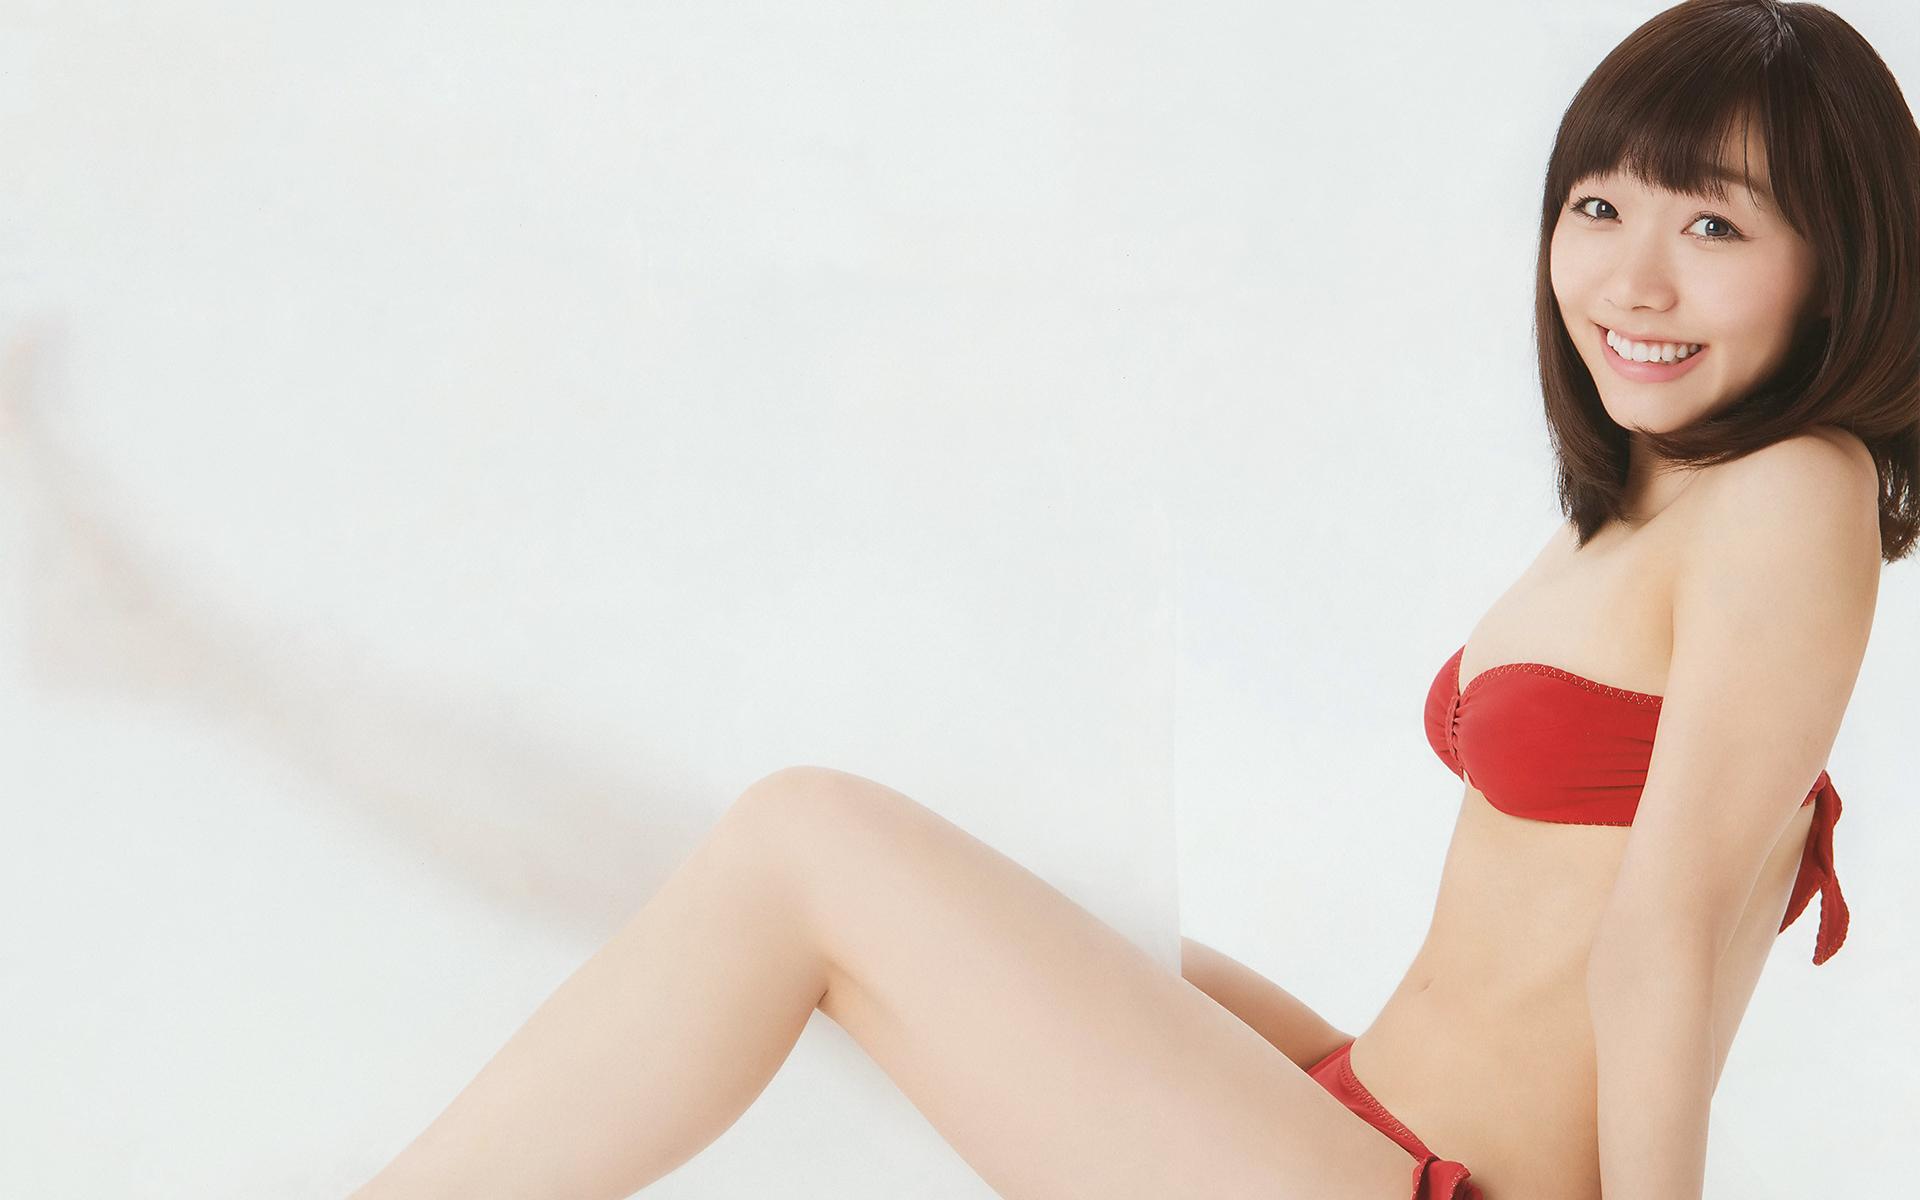 http://0117893.lolipop.jp/wallpaper/2014/AKB48/01171920_AKB48_67.jpg